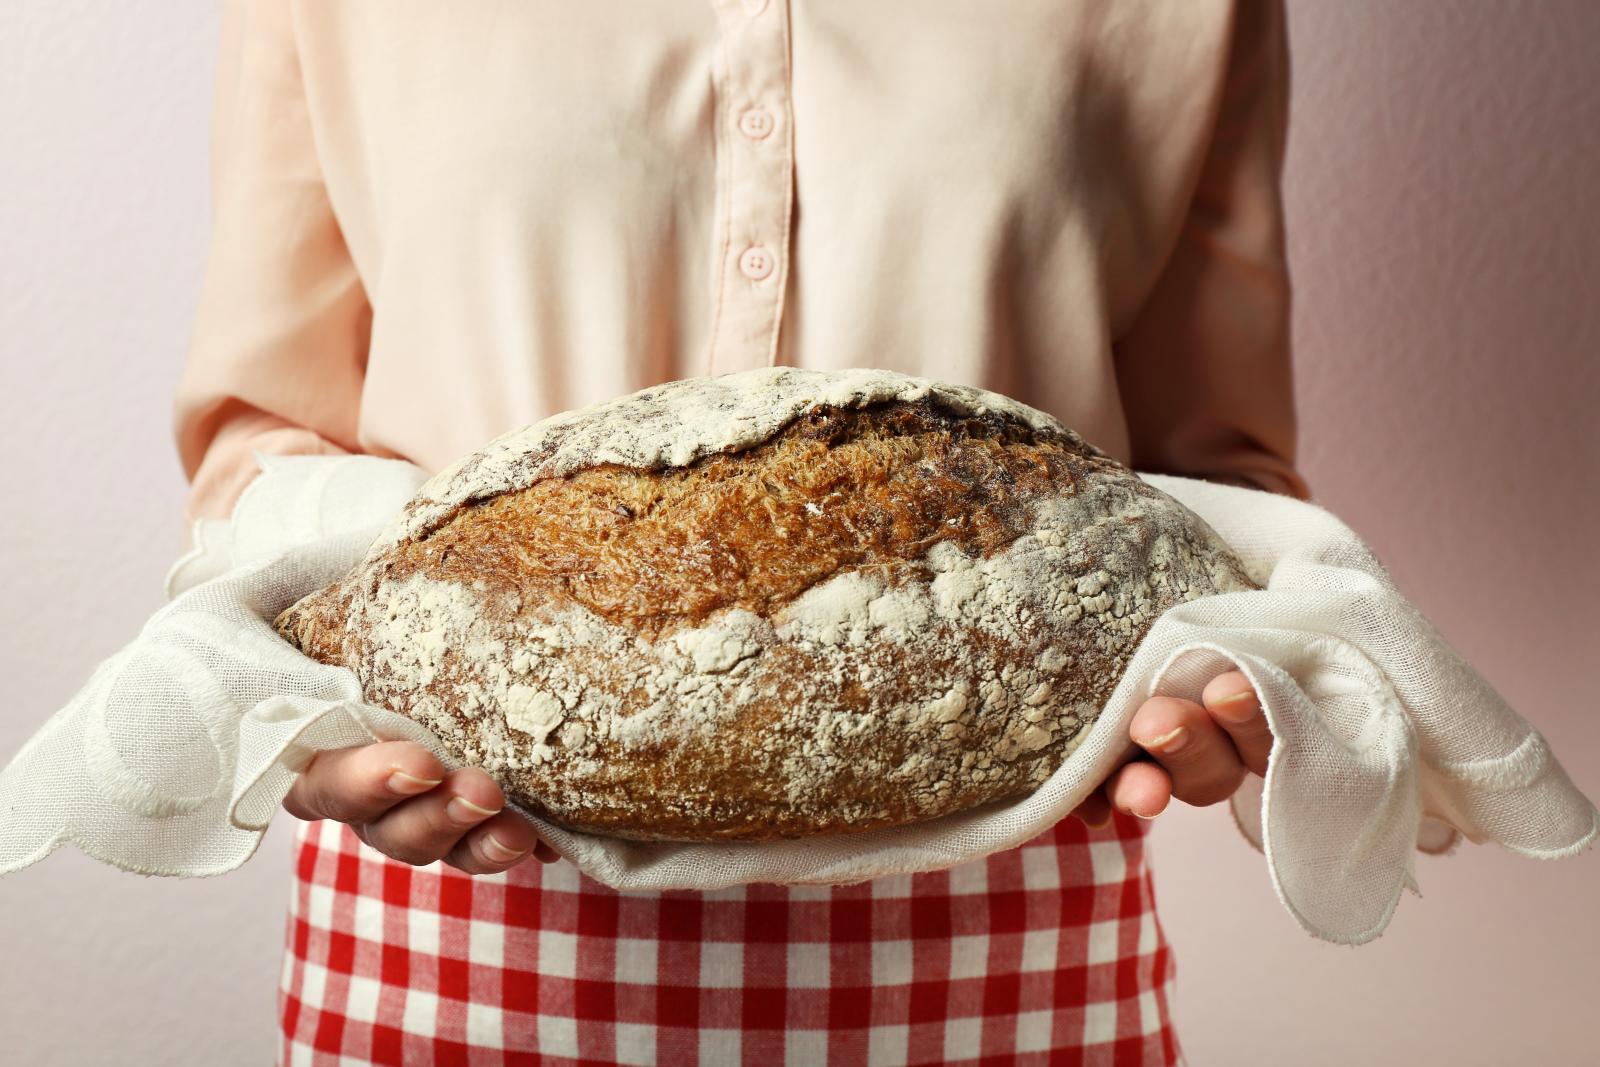 Znate ono kad je prošlo tek nekoliko sati otkasko ste kupili kruh, a već biste njime mogli otvarati orahe koliko je otvrdnuo? To možete spriječiti!